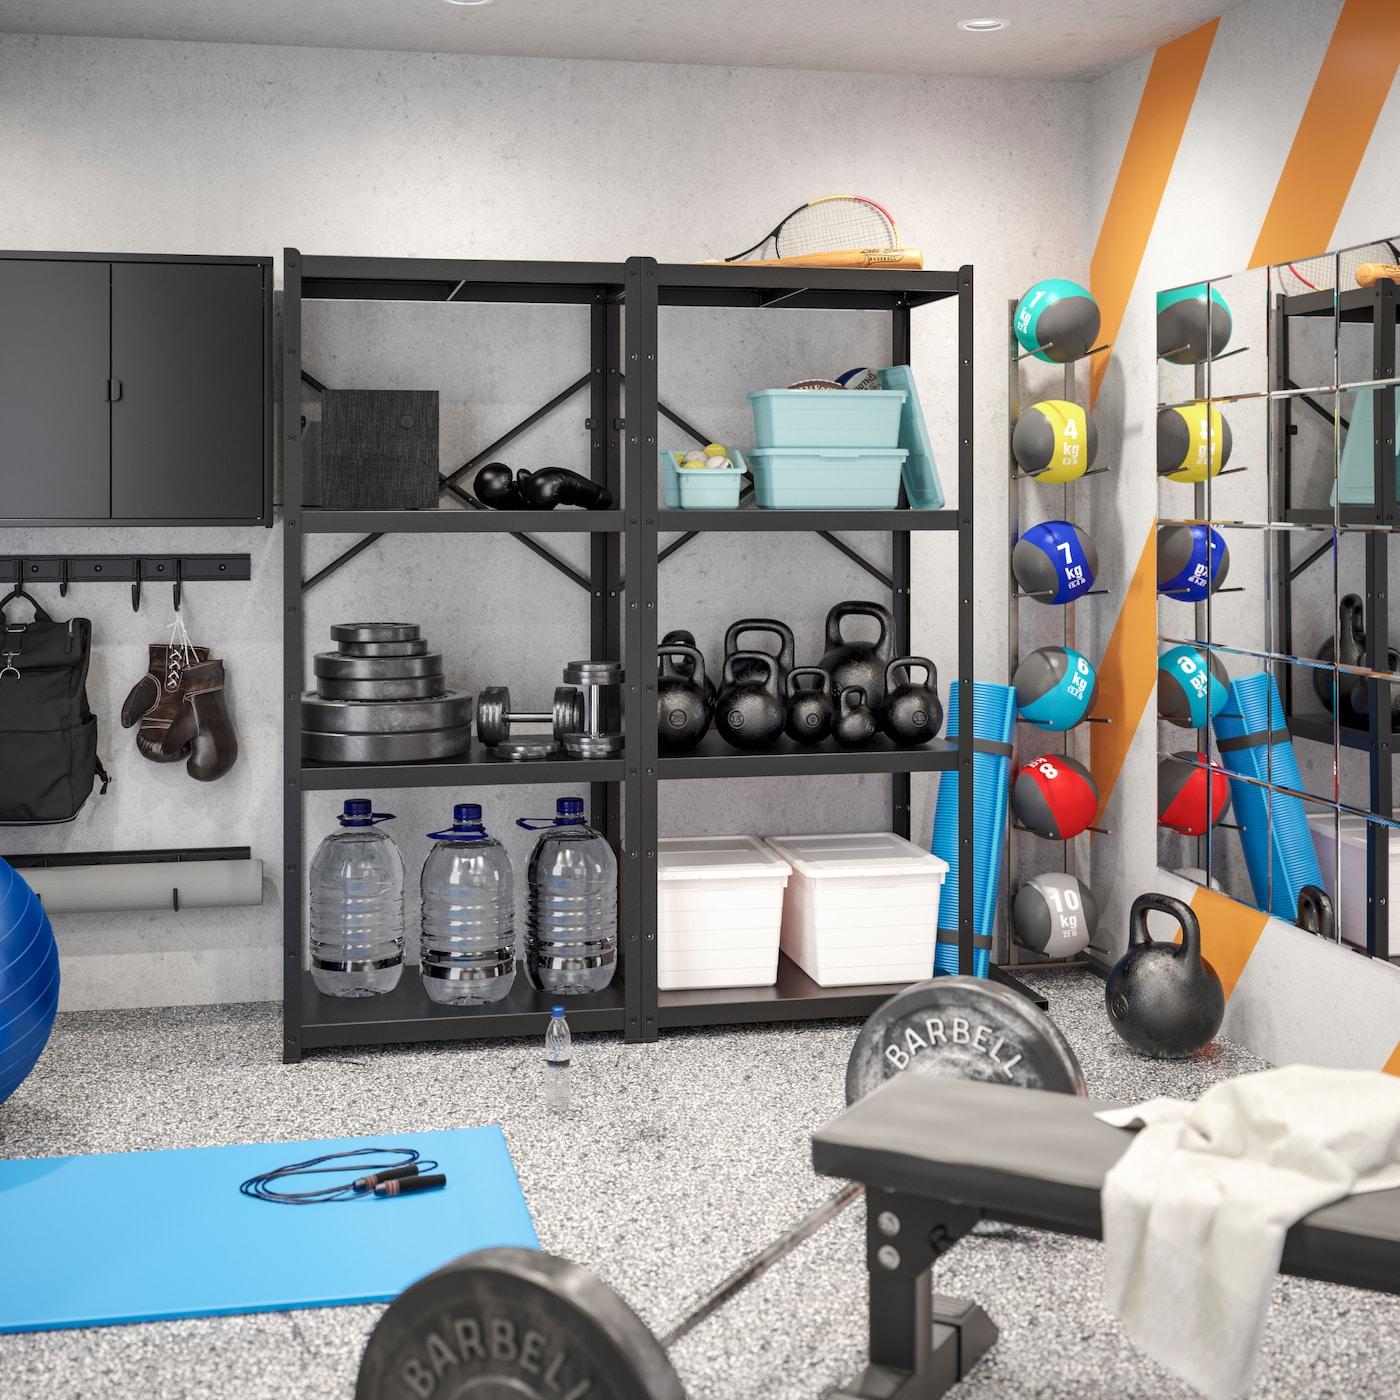 Zuhause Einrichten: Fitnessraum Zuhause Einrichten